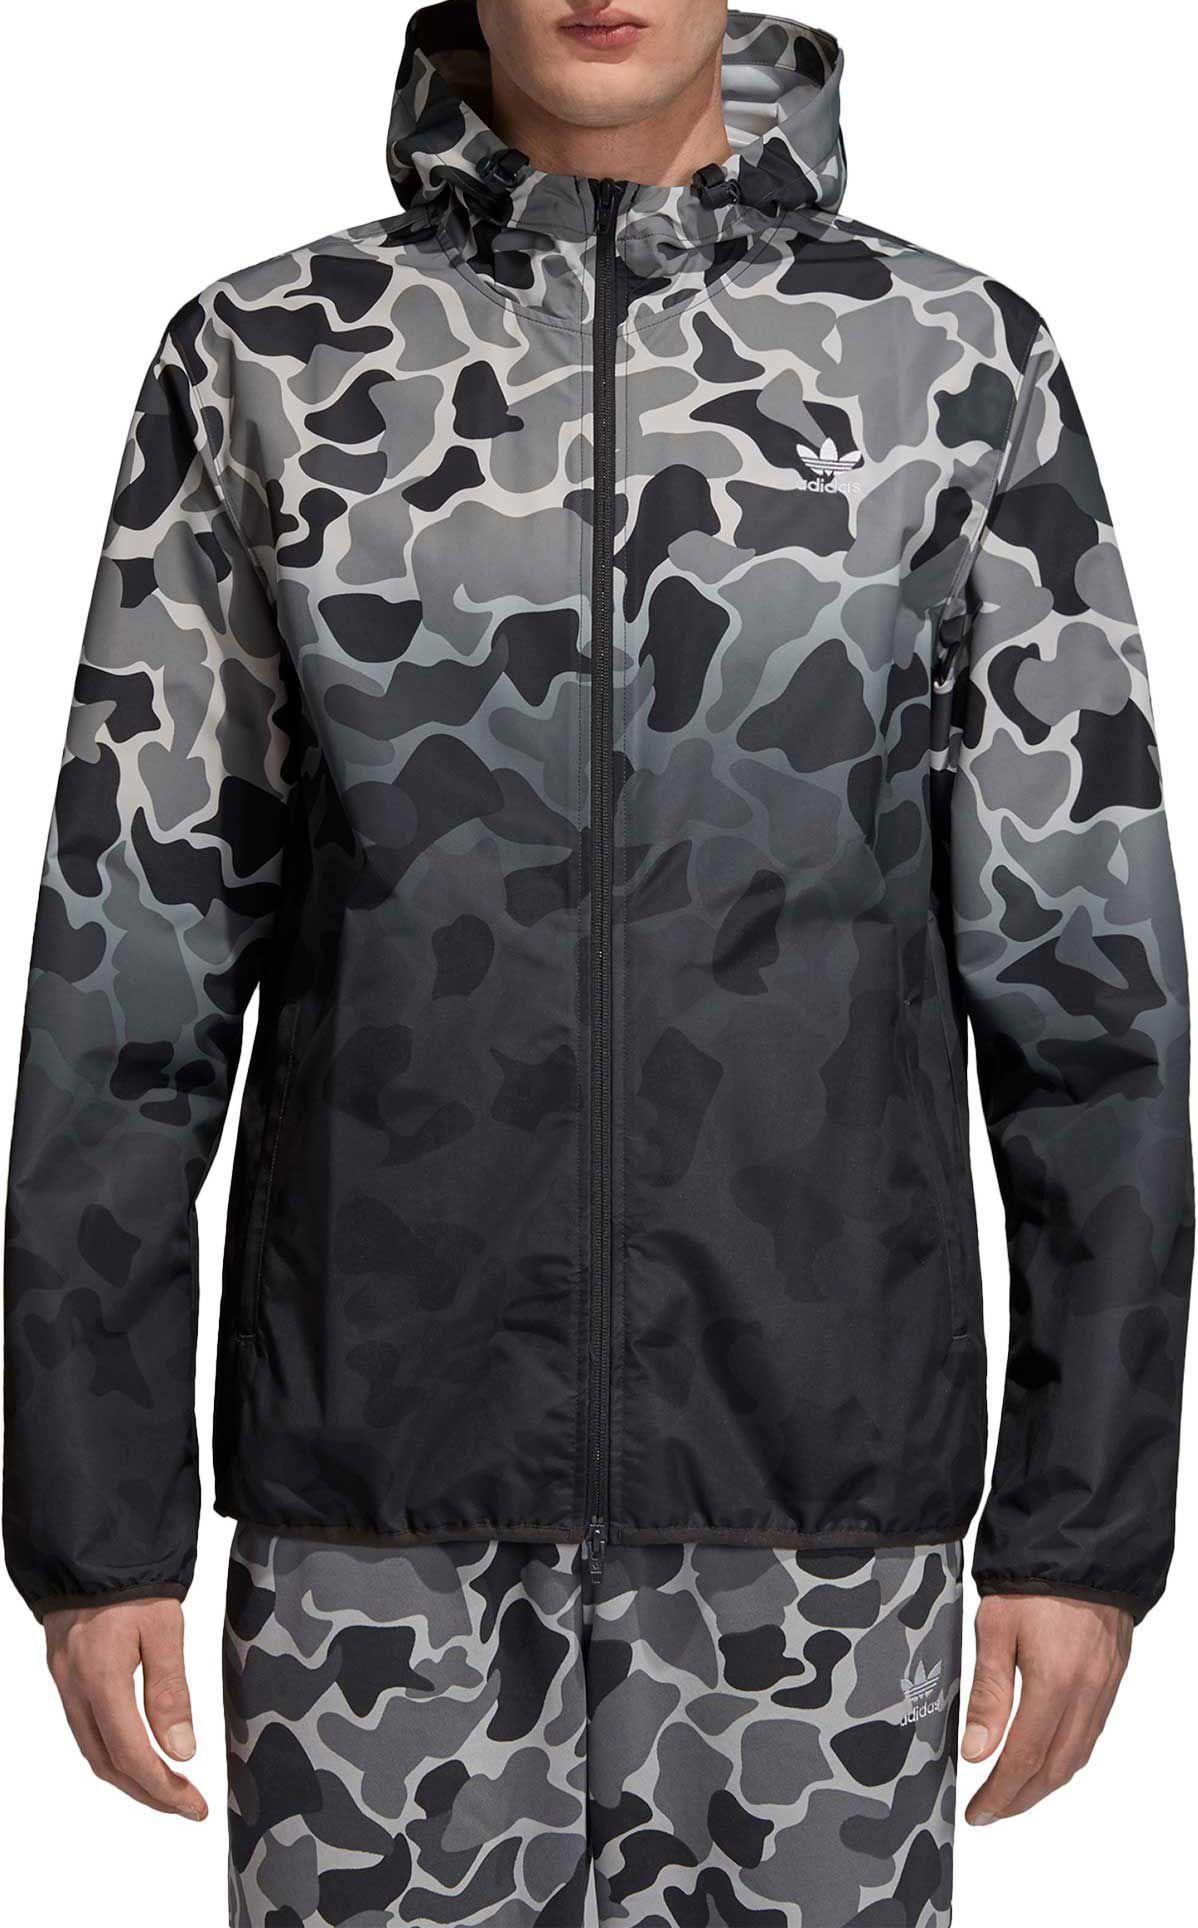 4509e6542b adidas Originals Men s Camo (Green) Dipped Windbreaker Jacket